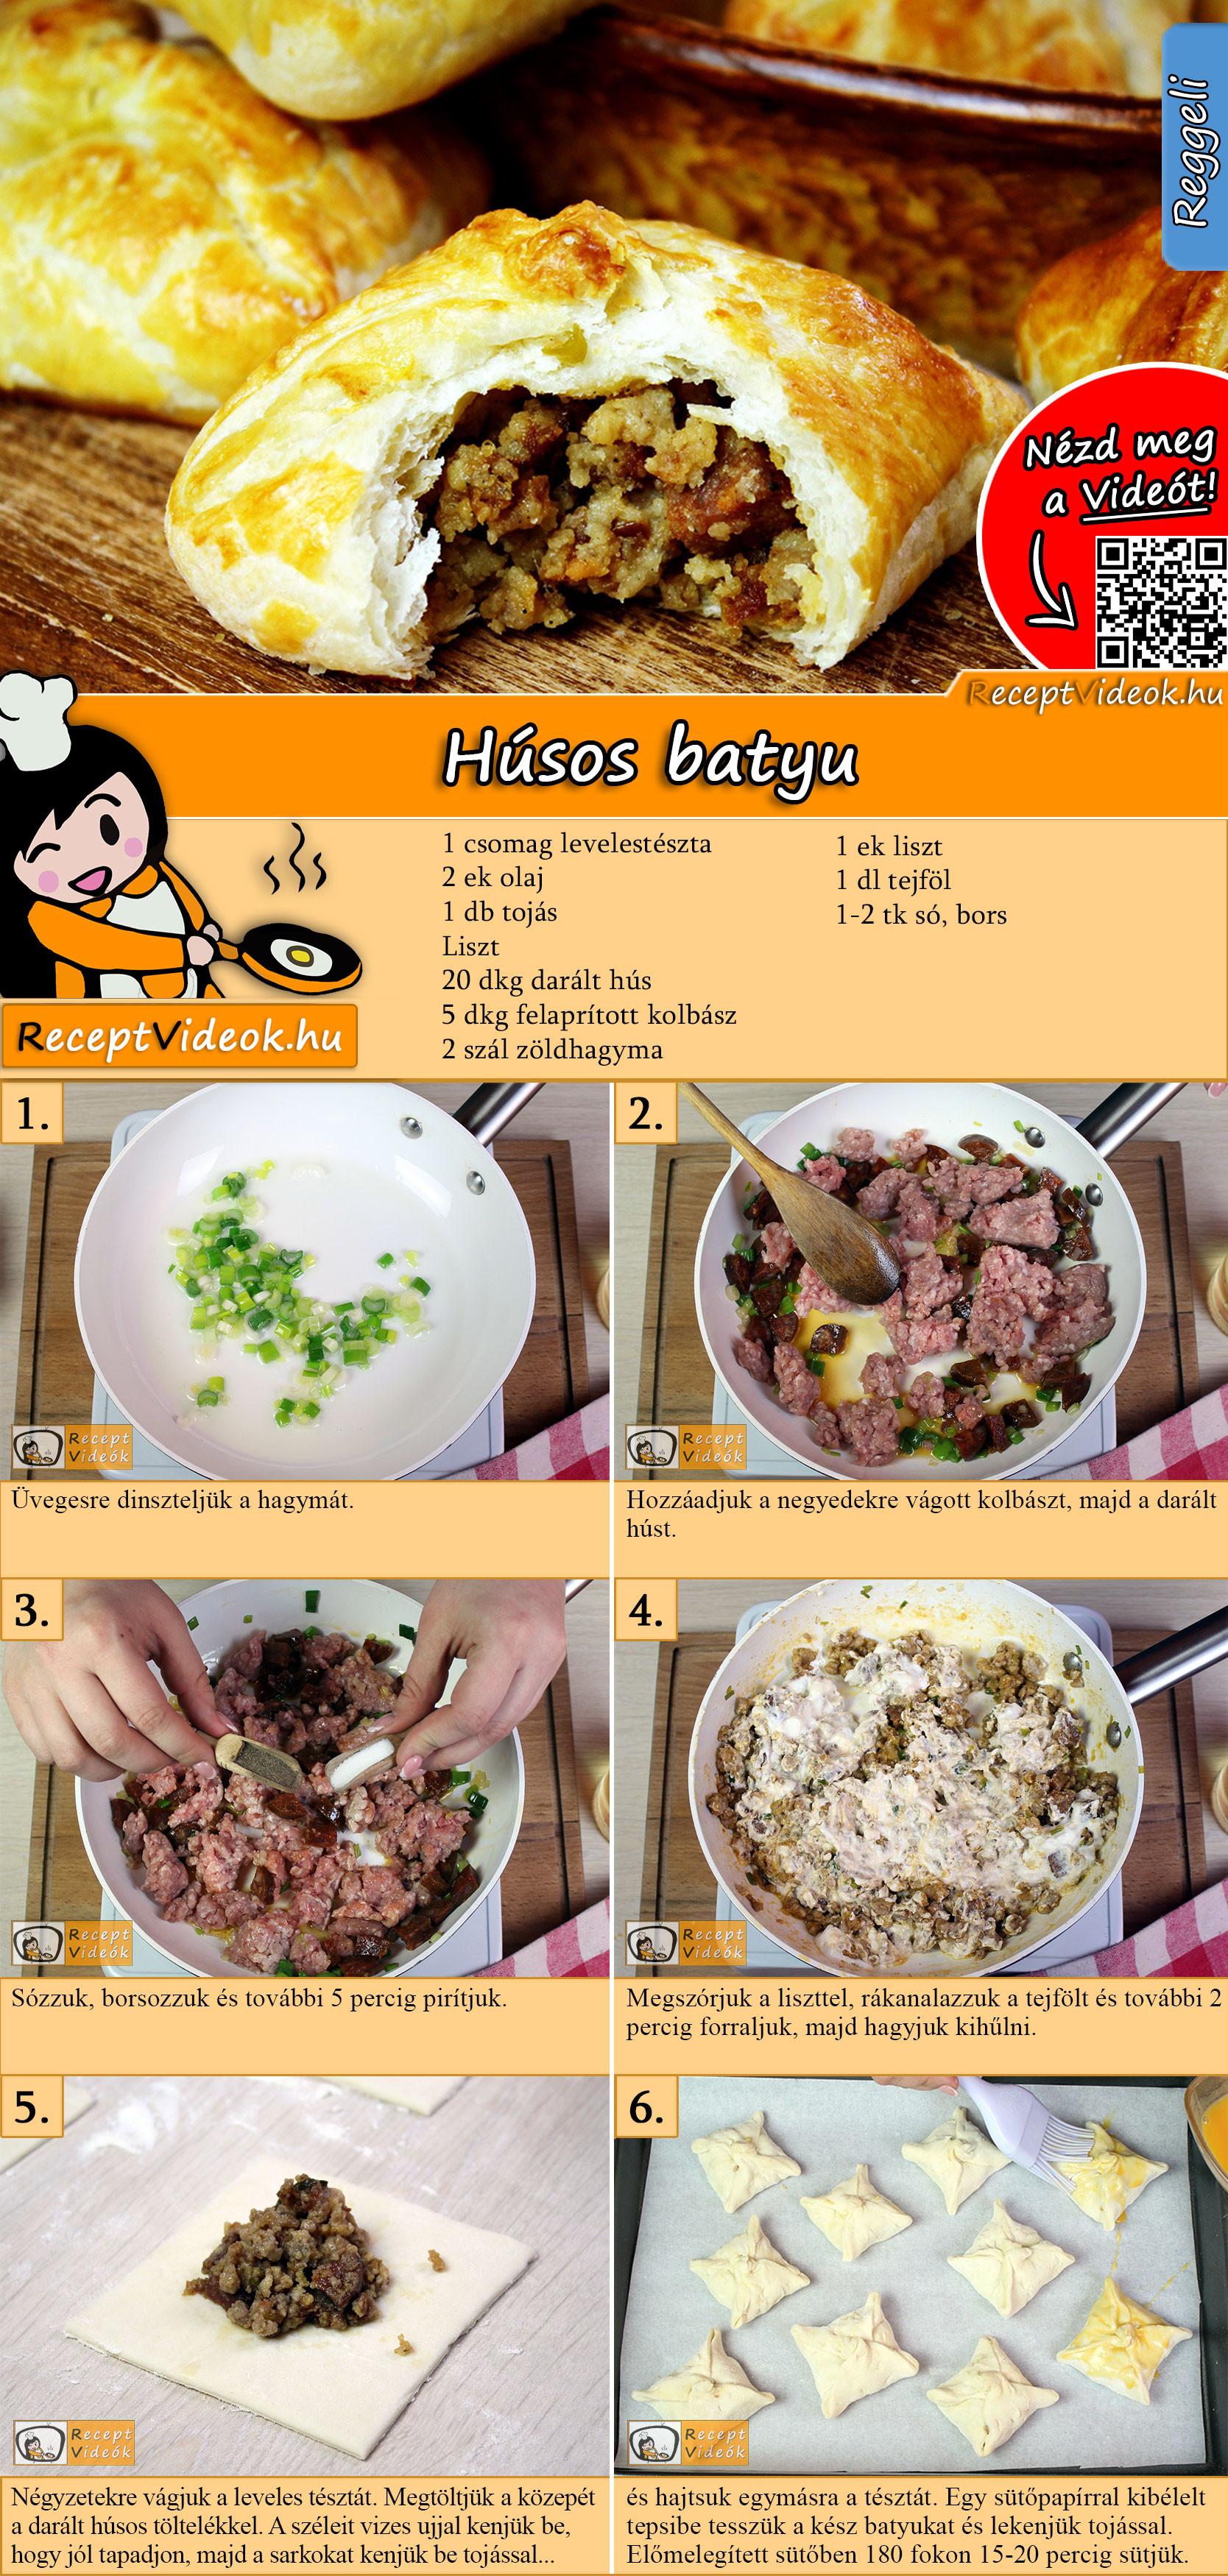 Húsos batyu recept elkészítése videóval